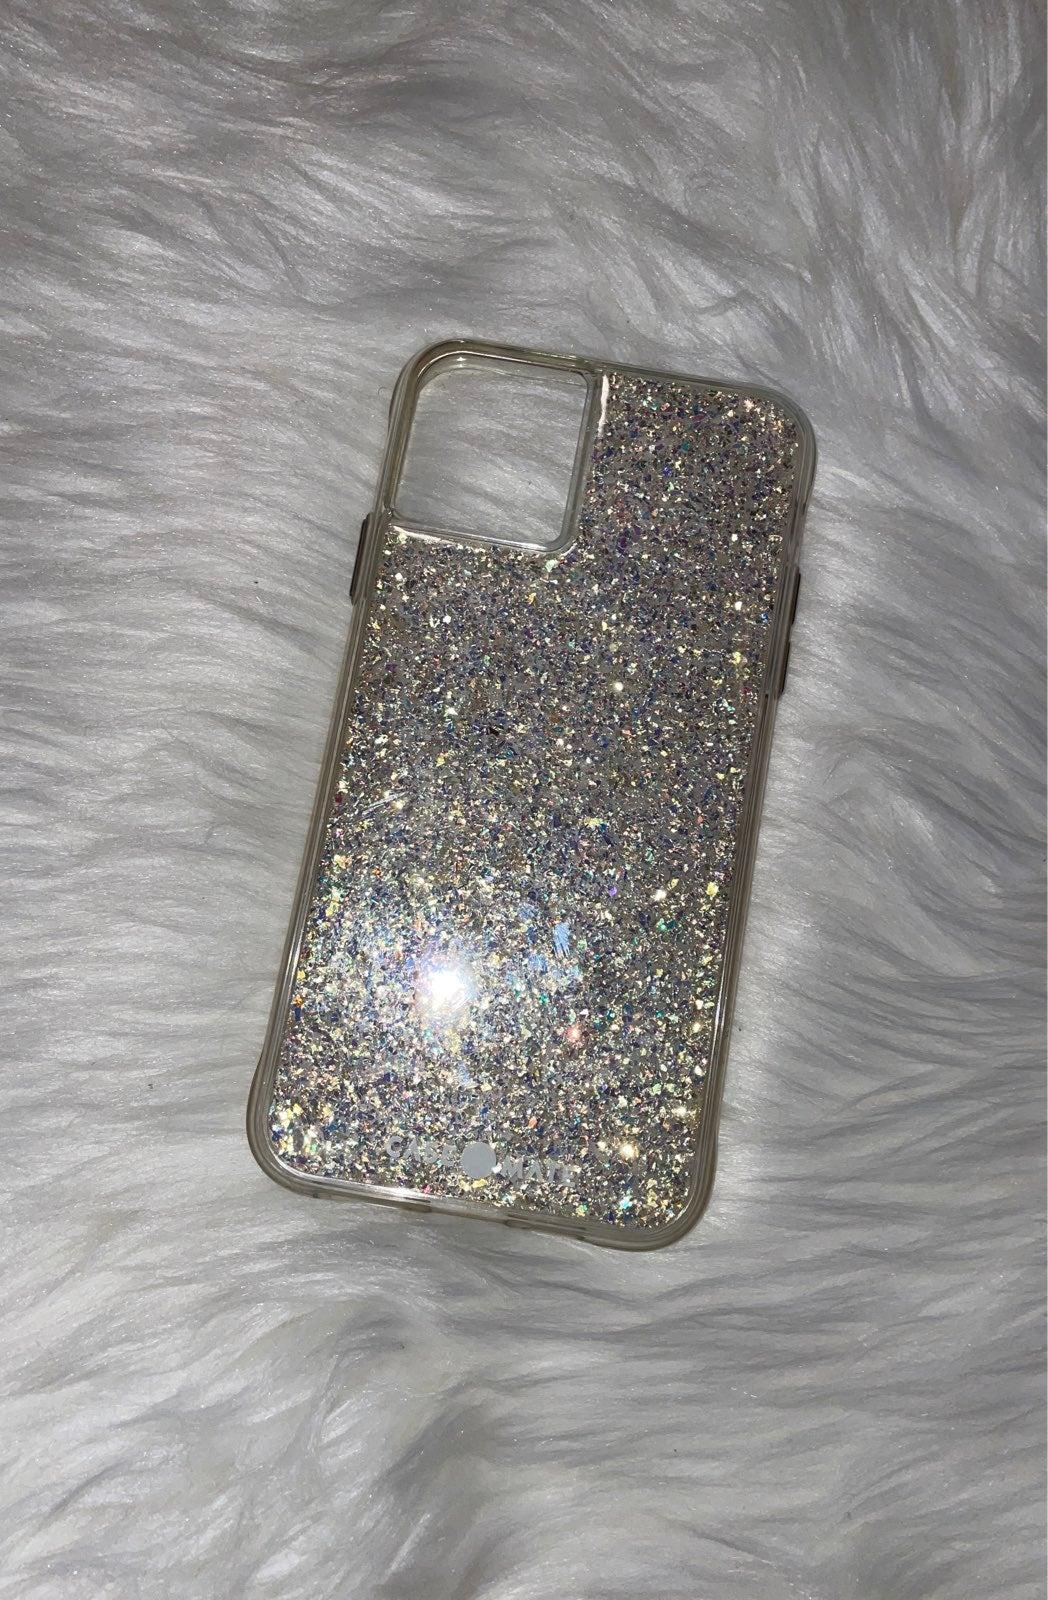 casemate sparkle 11 pro max case